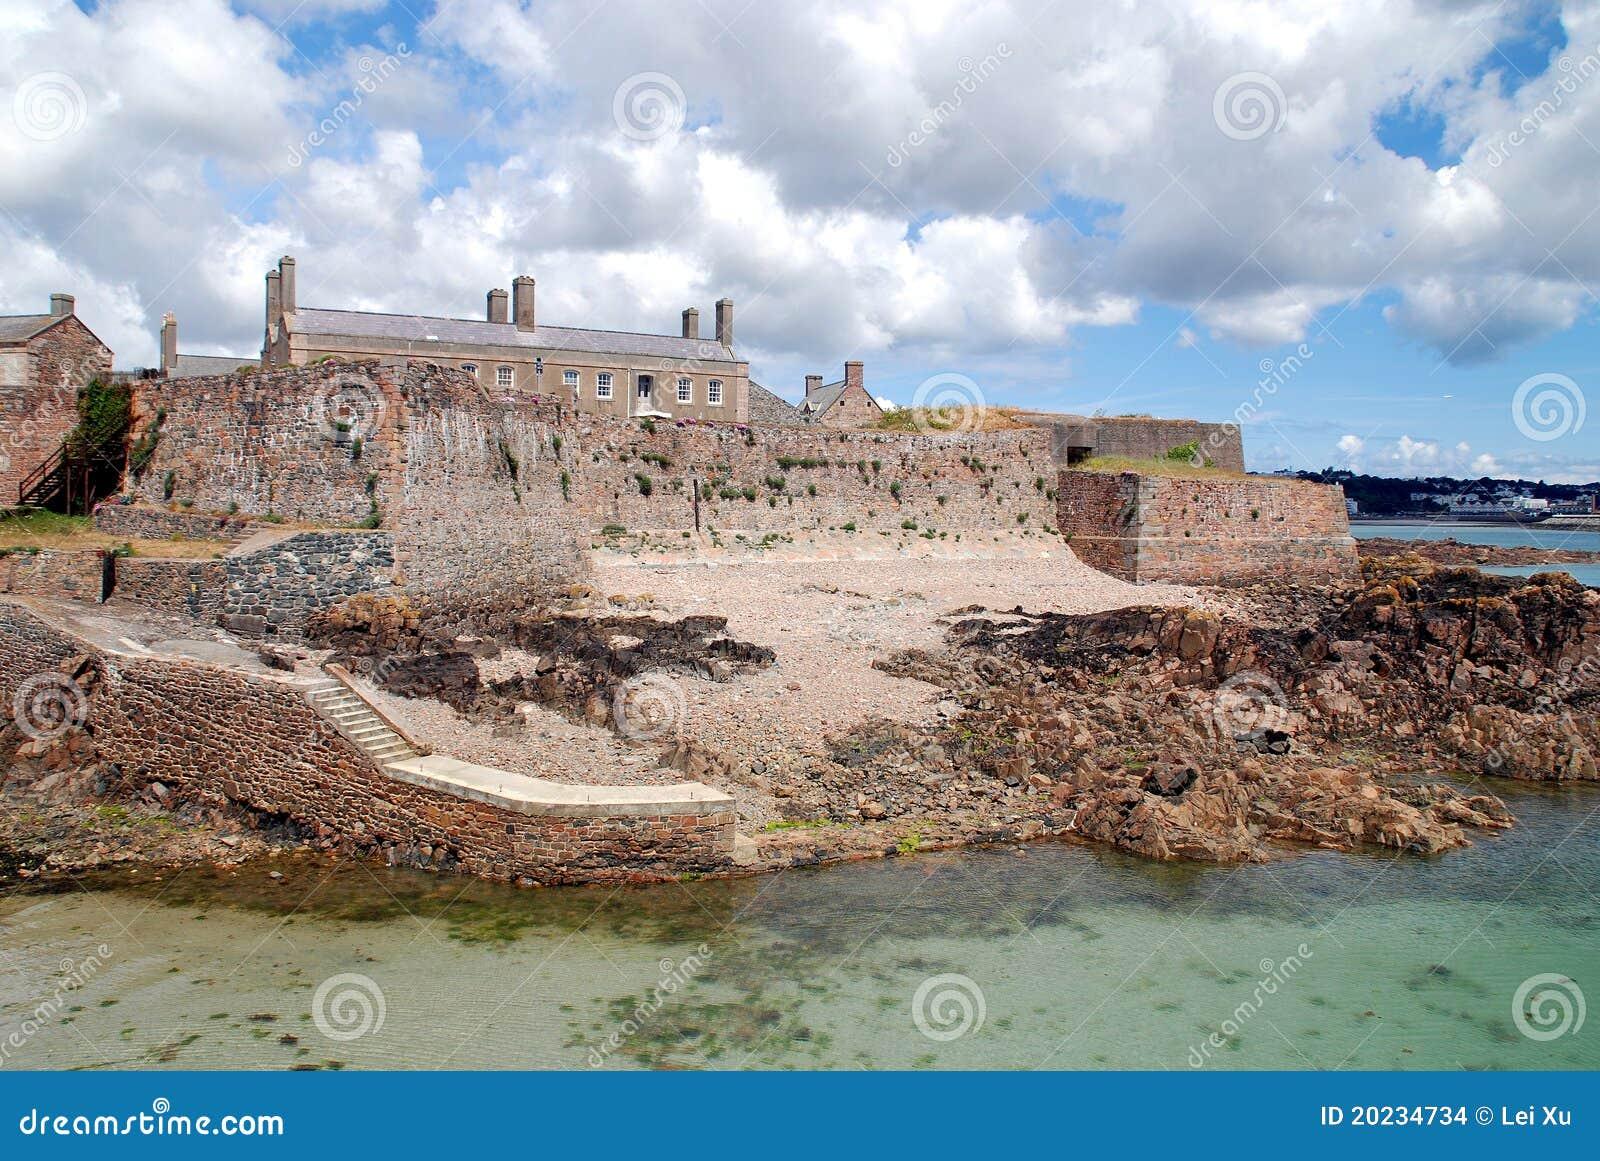 Insel von Jersey: Elizabeth-Schloss